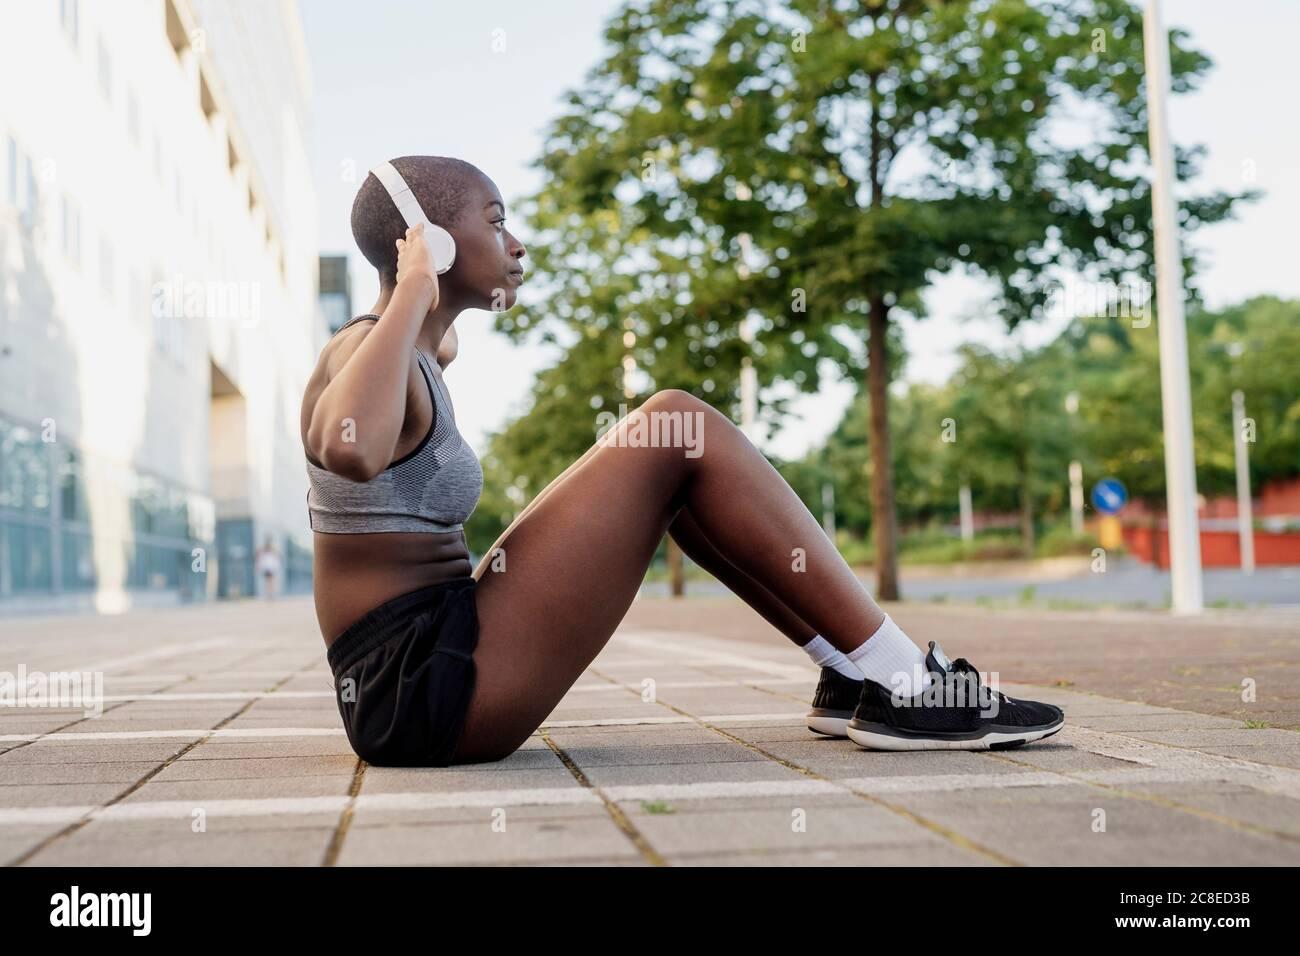 Junge Frau, die Musik hört, während sie auf dem Fußweg in der Stadt trainiert Stockfoto